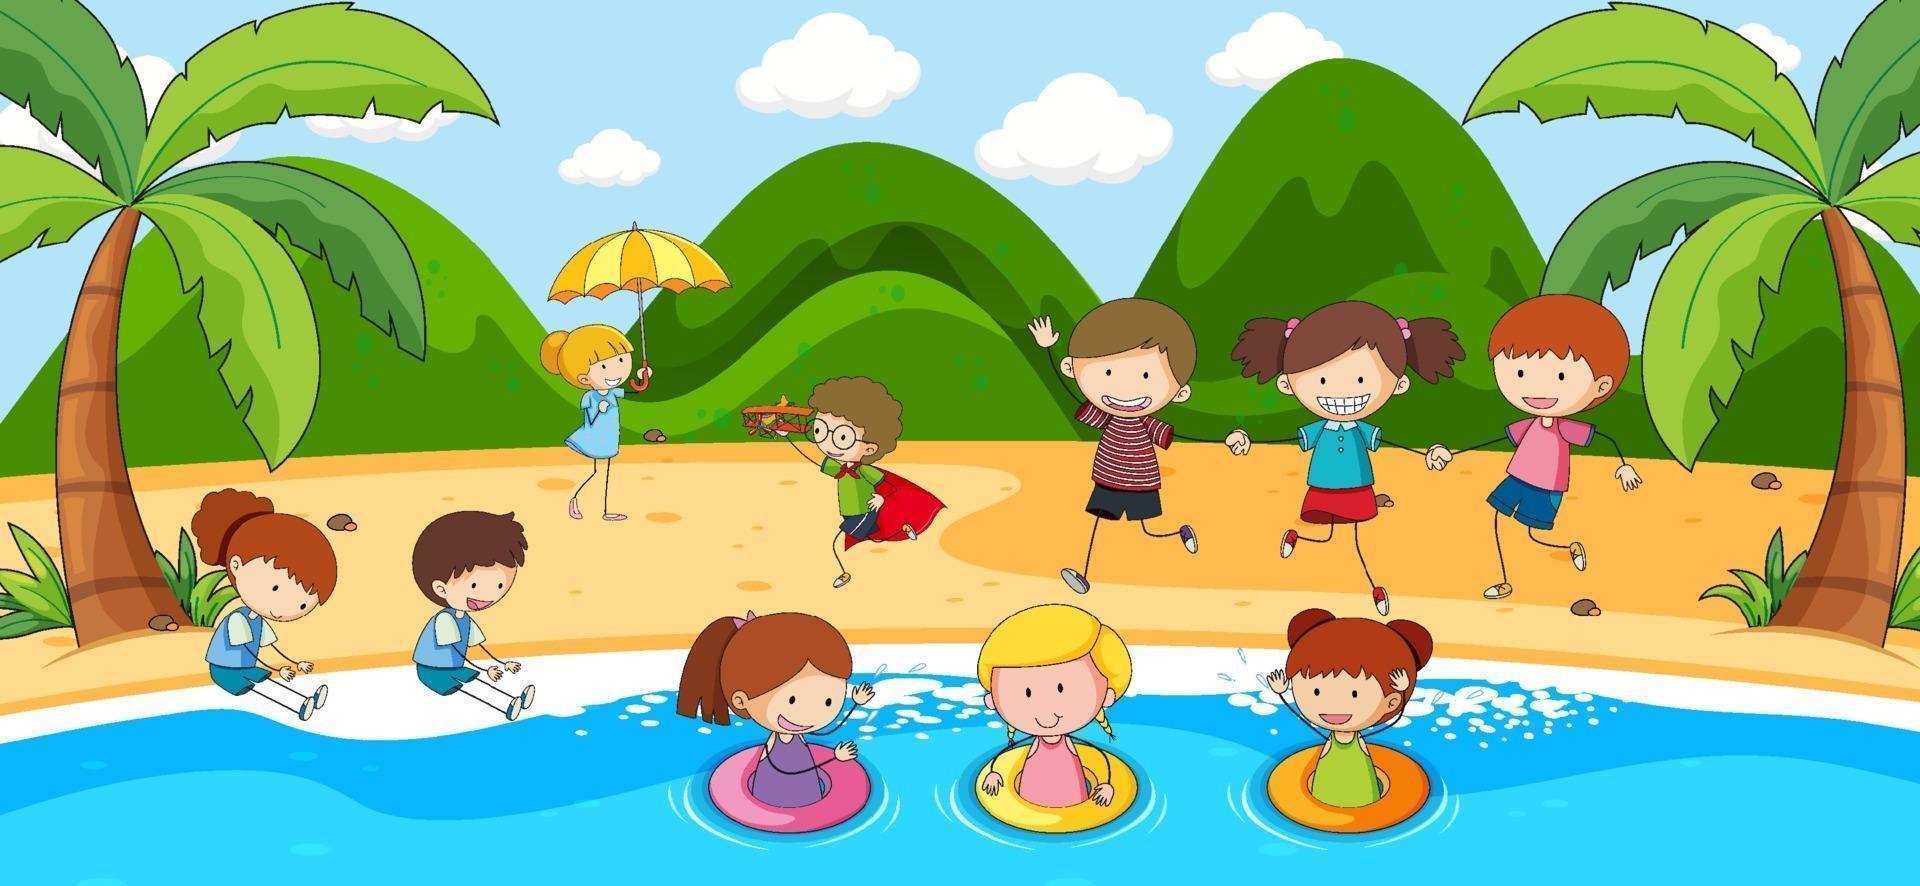 scène en plein air avec de nombreux enfants jouant à la plage vecteur